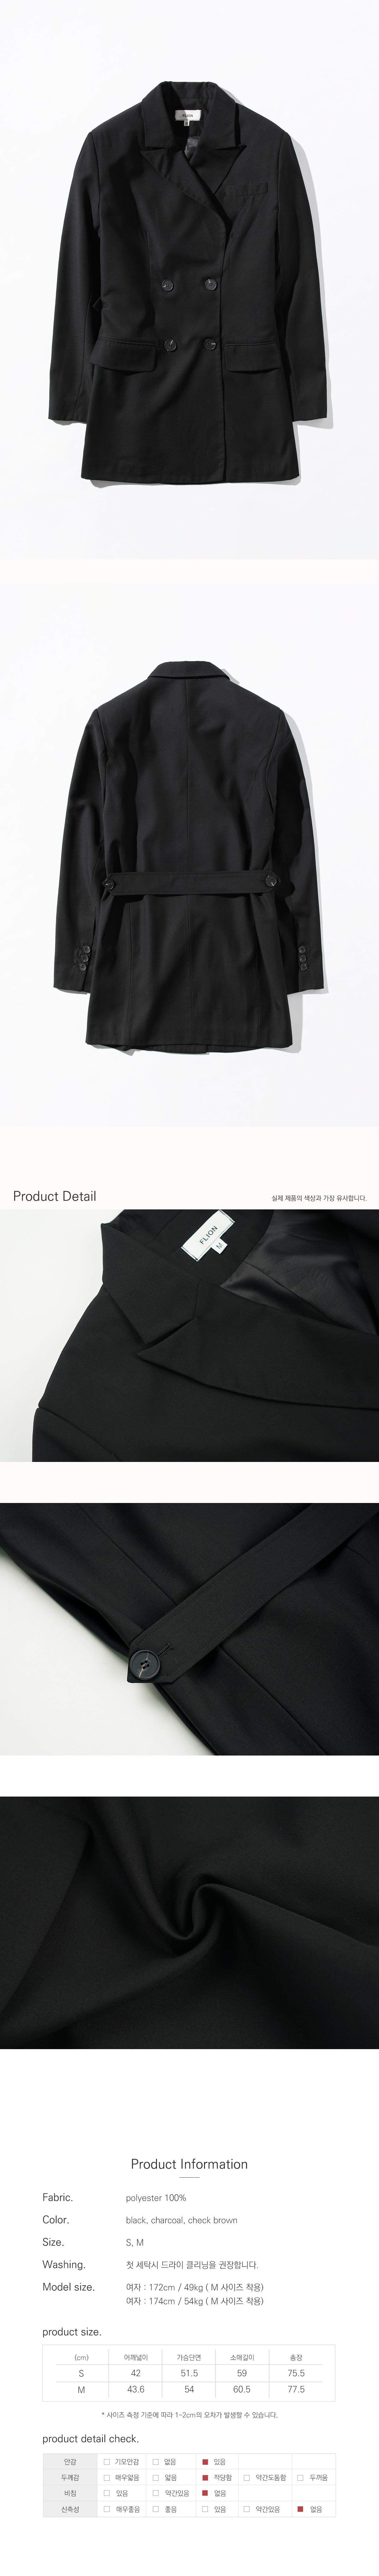 플리온(FLION) 스트랩 더블 자켓 - 블랙